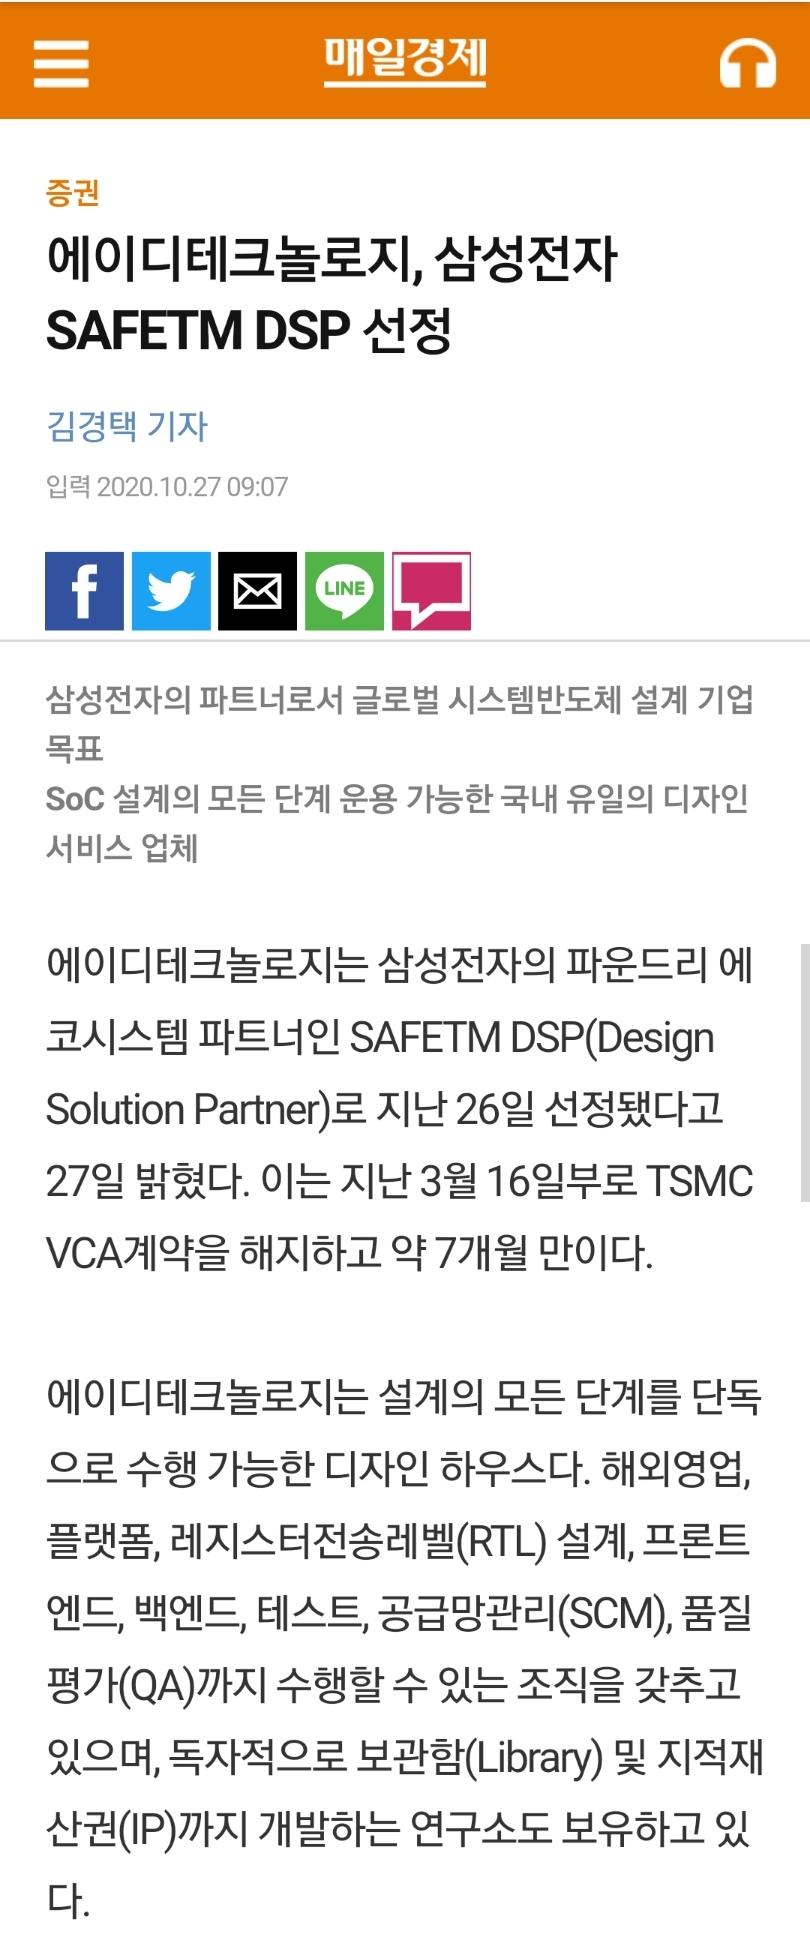 에이디테크놀로지의 삼성전자 파운드리 에코시스템 파트너 SAFETM DSP(Design Solution Partner) 선정을 전하는 매일경제